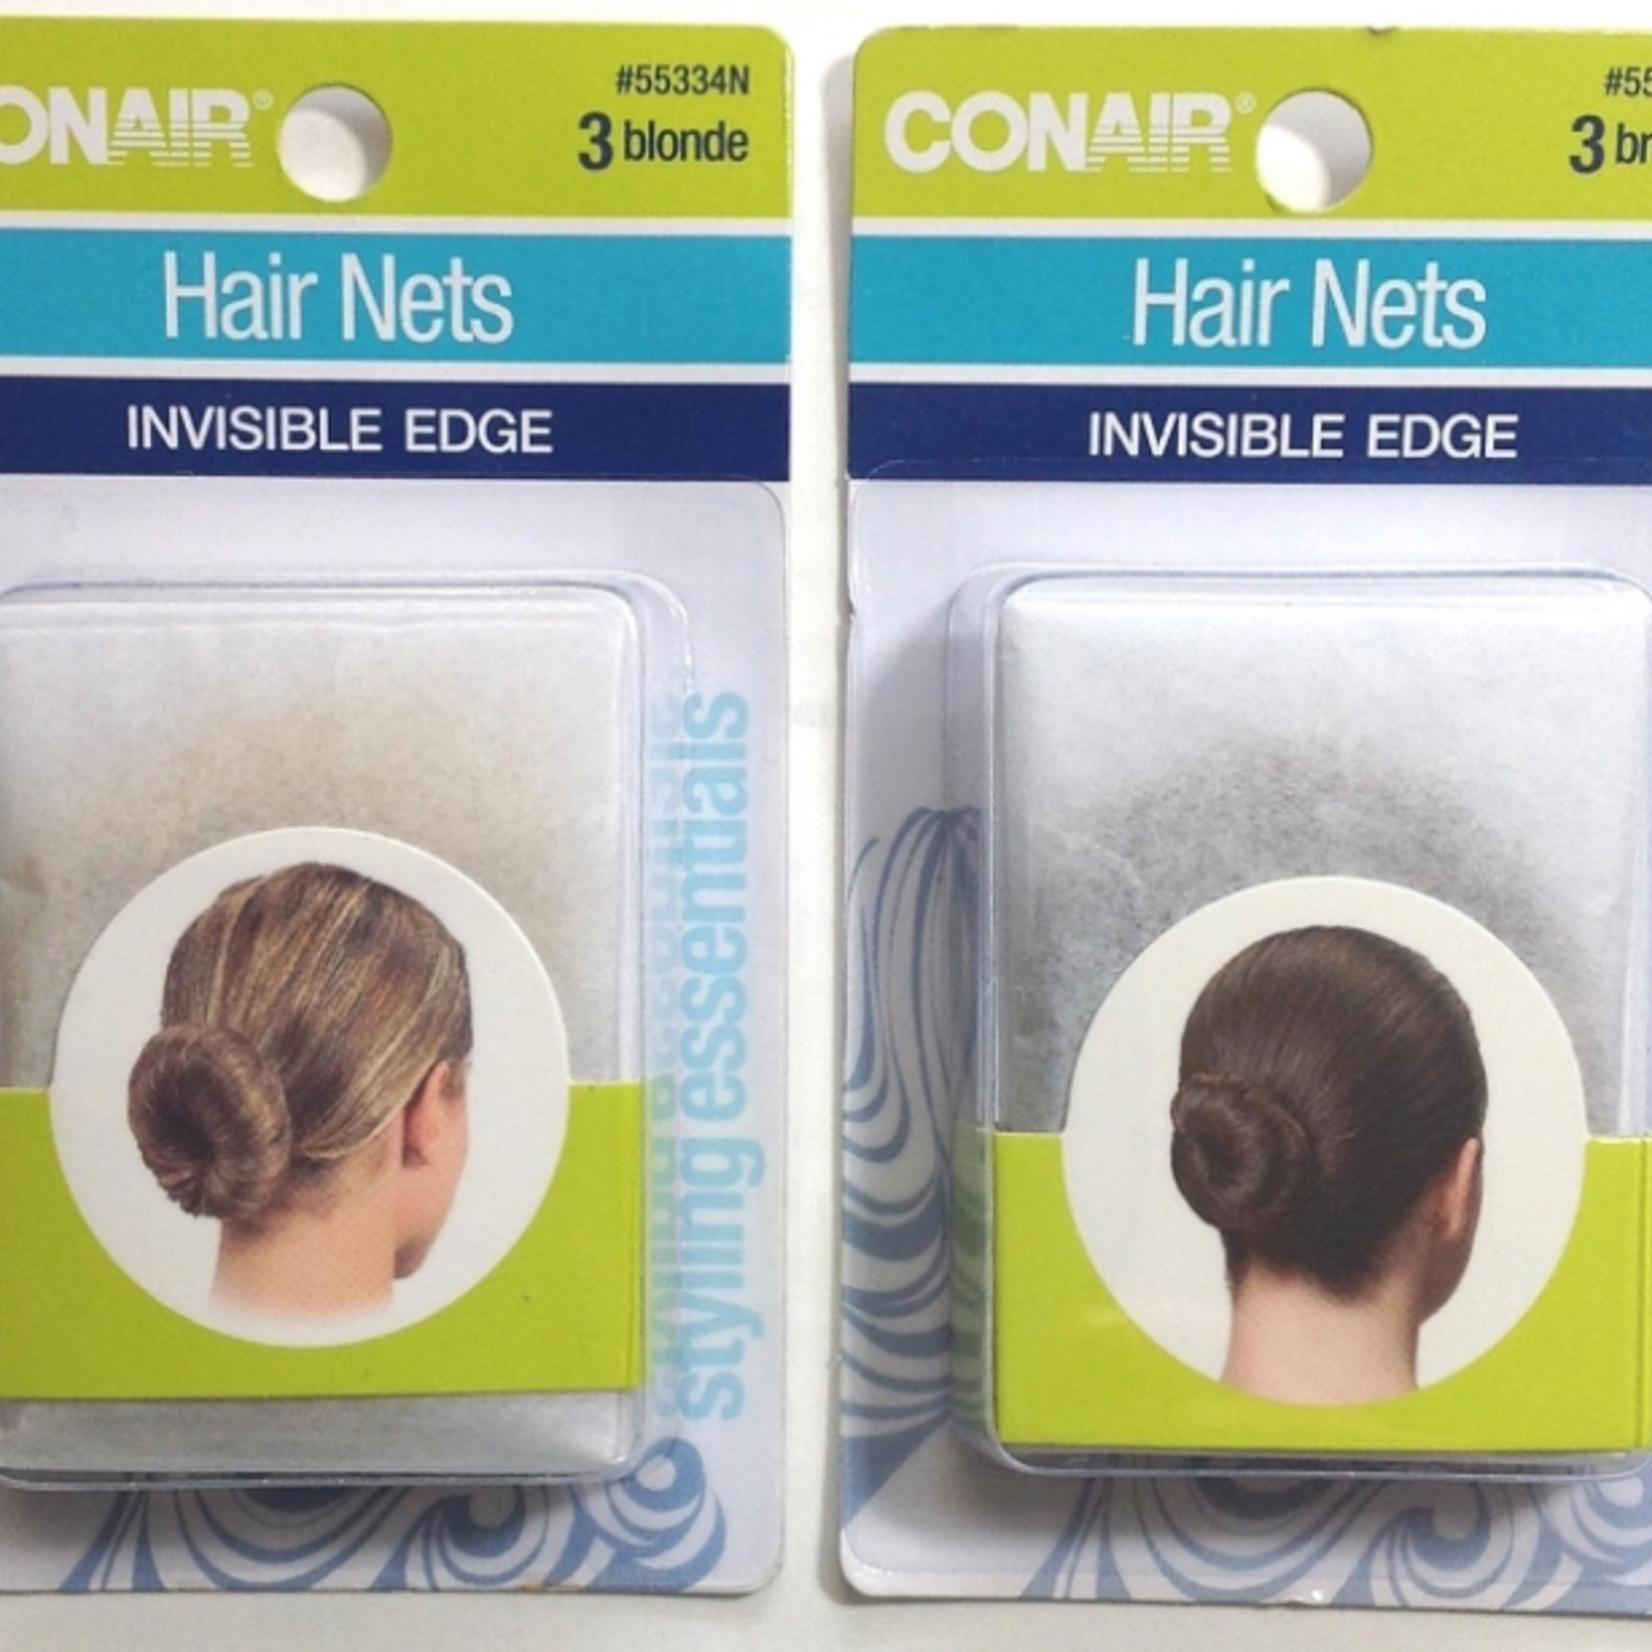 Conair Conair 3 Pack Hair Nets